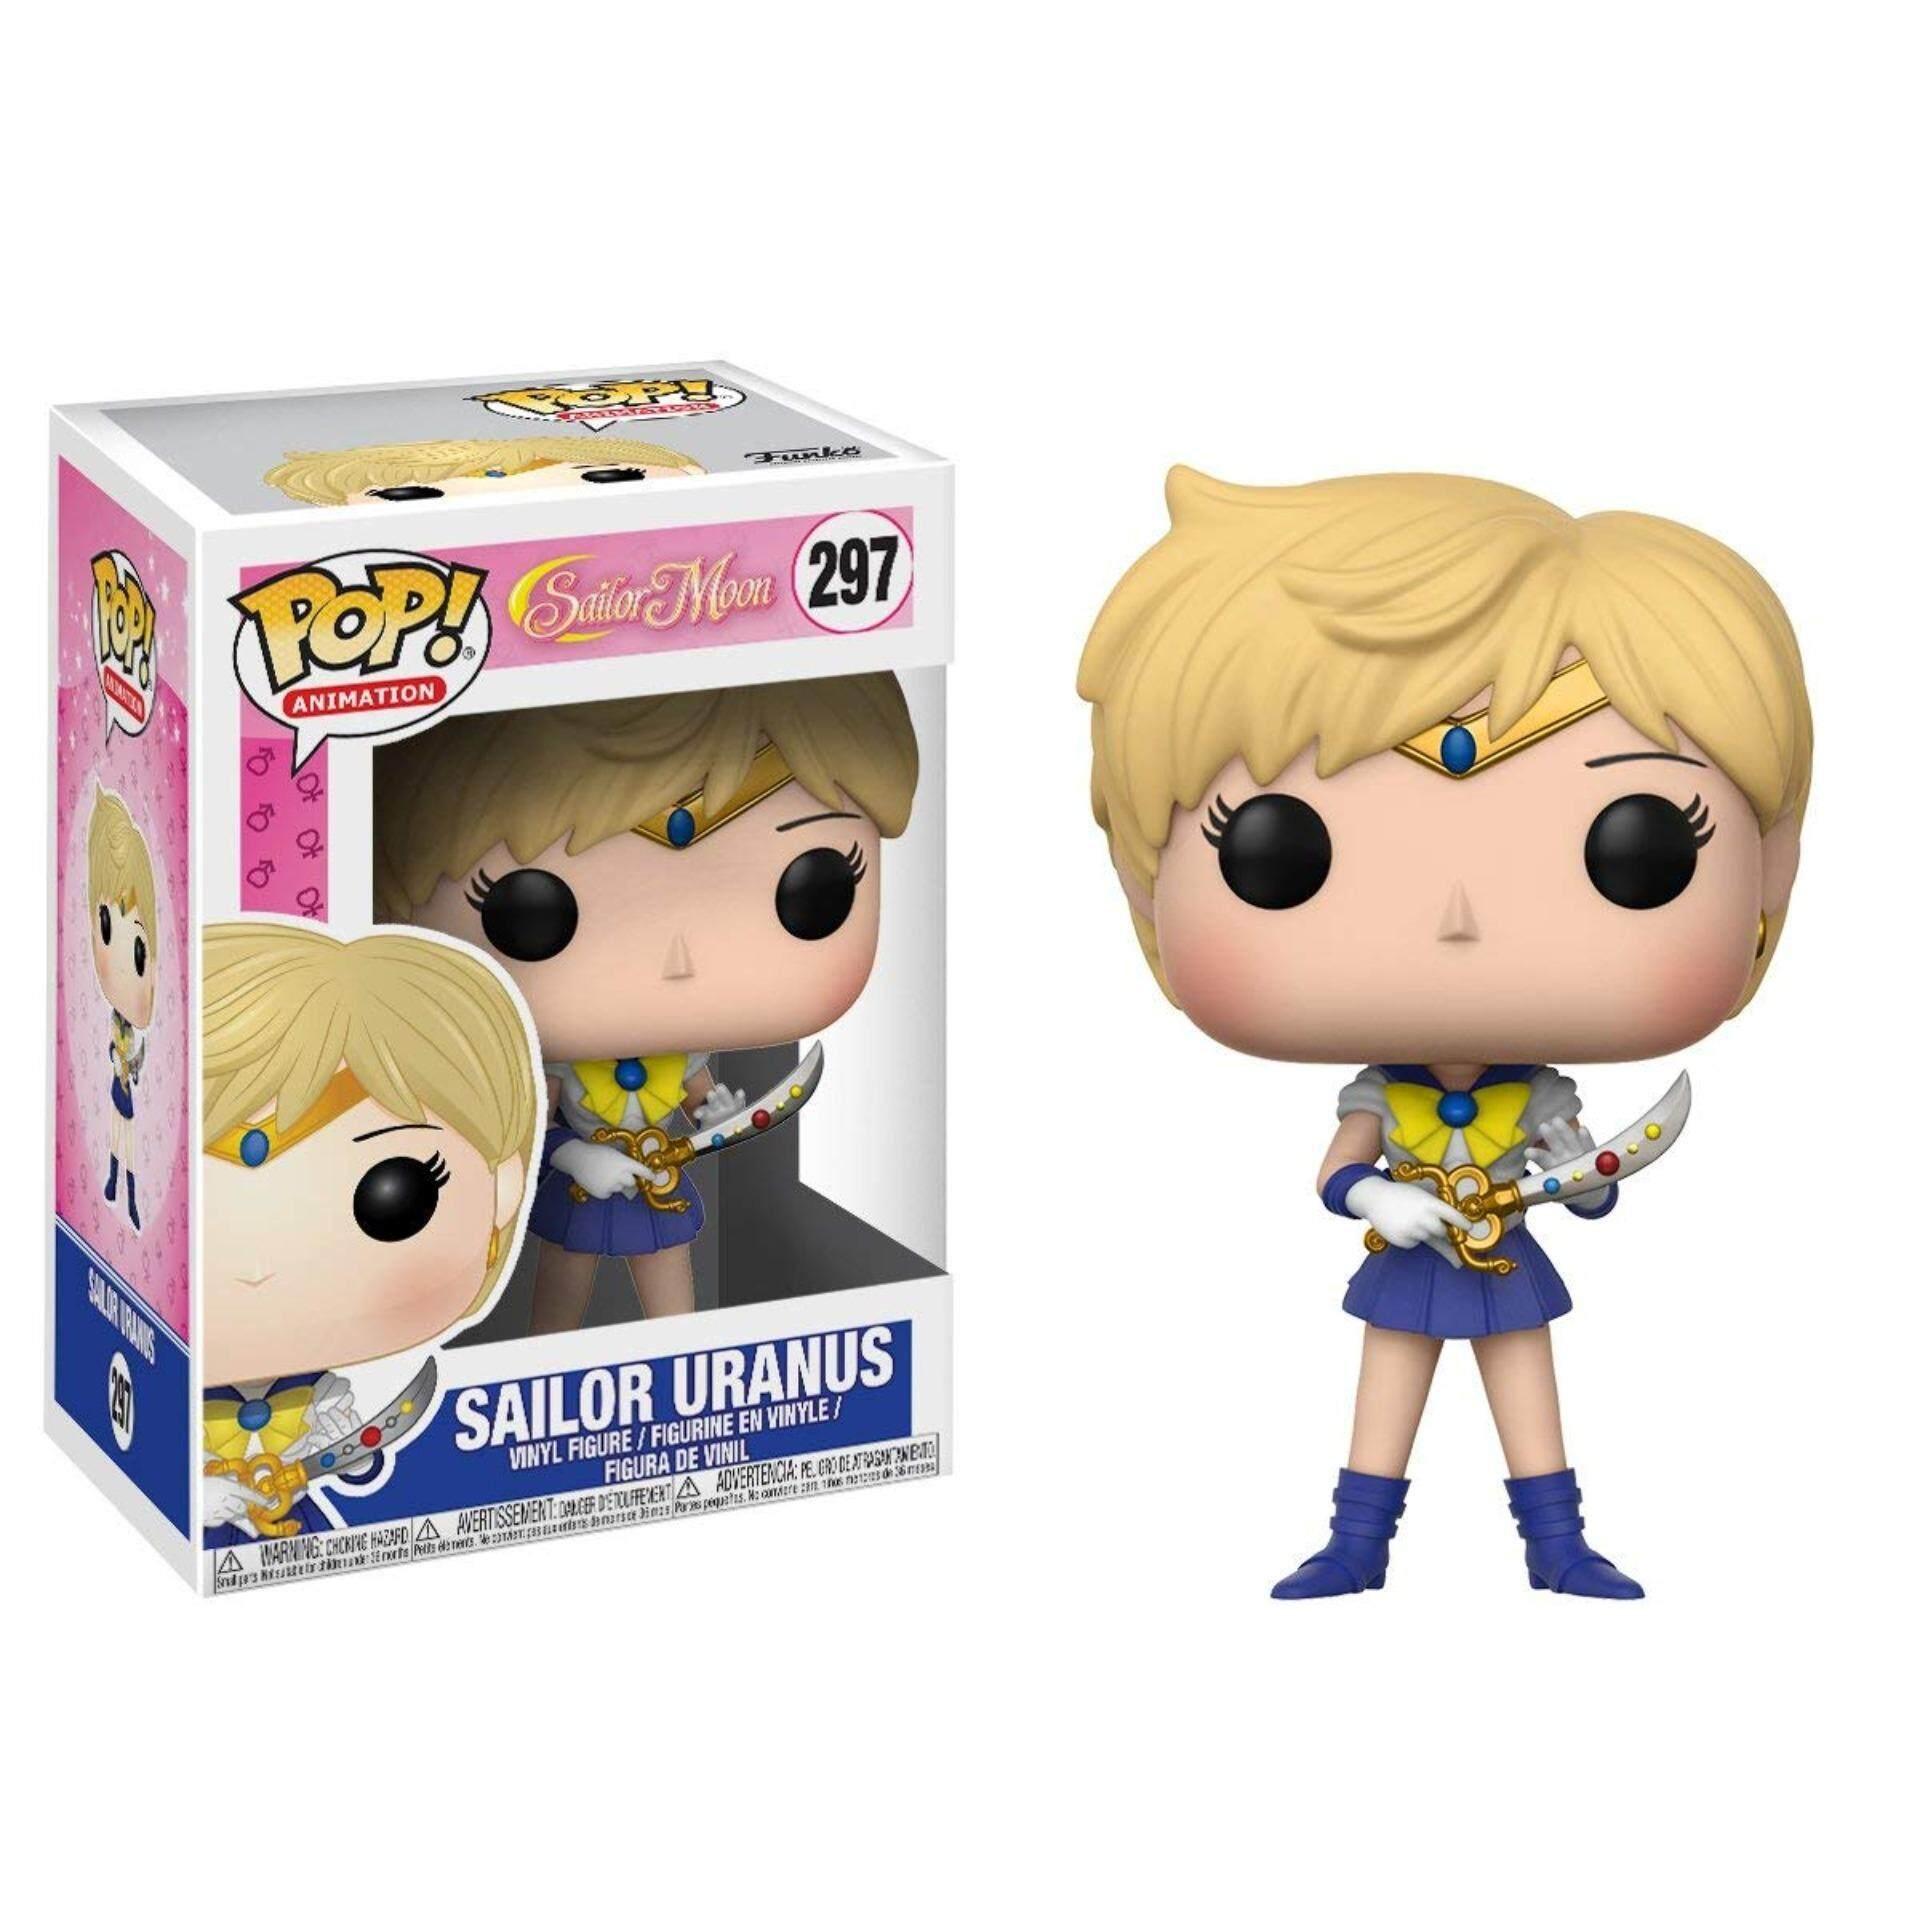 FUNKO POP! Animation Sailor Moon - Sailor Uranus Toys for boys